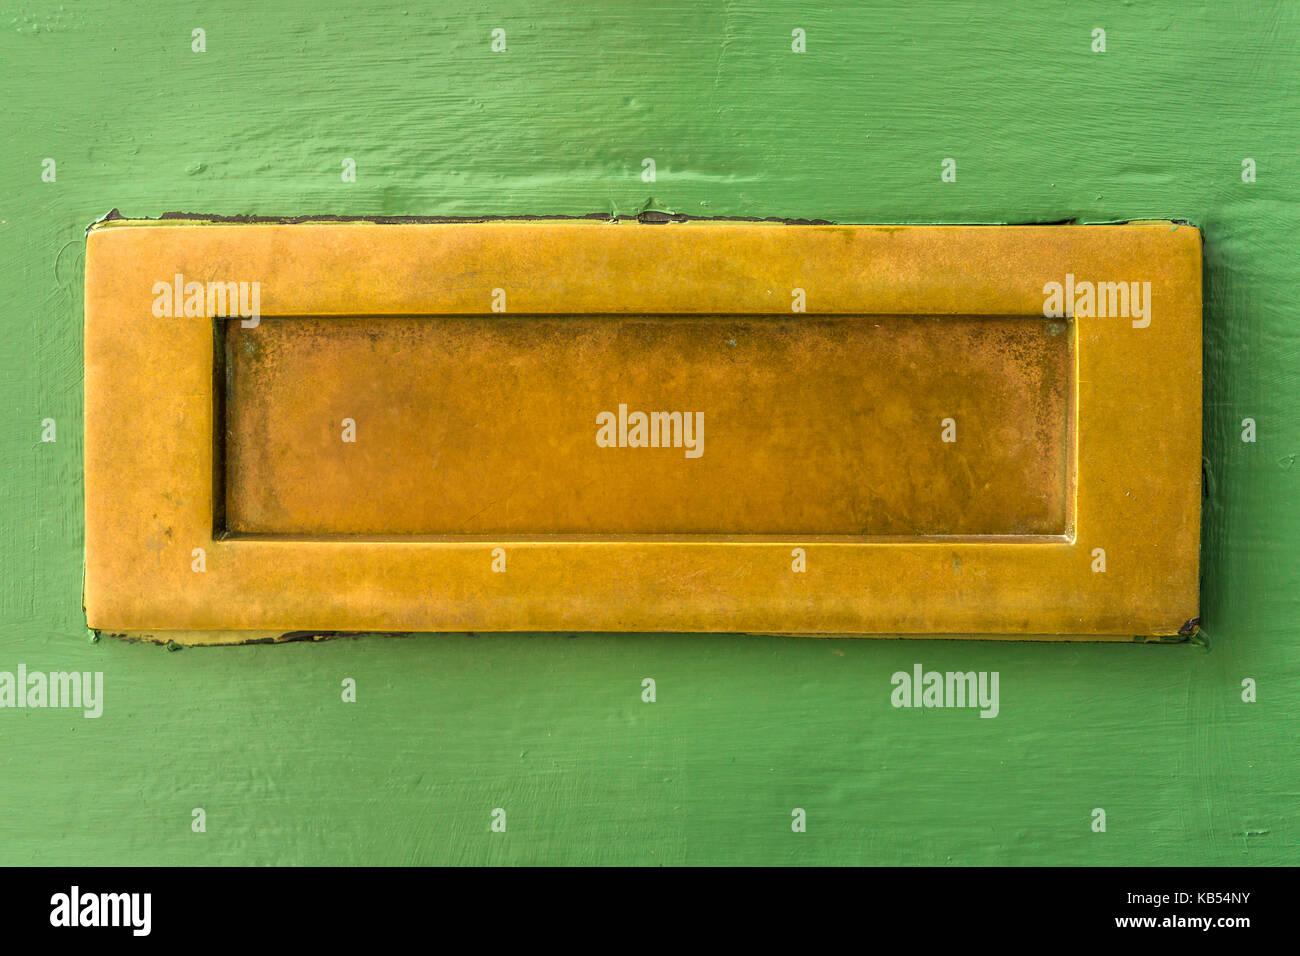 Eine gut verwendet nicht polierten Messing Briefkasten auf einem rund grün lackiert Haustür in Großbritannien. Stockbild